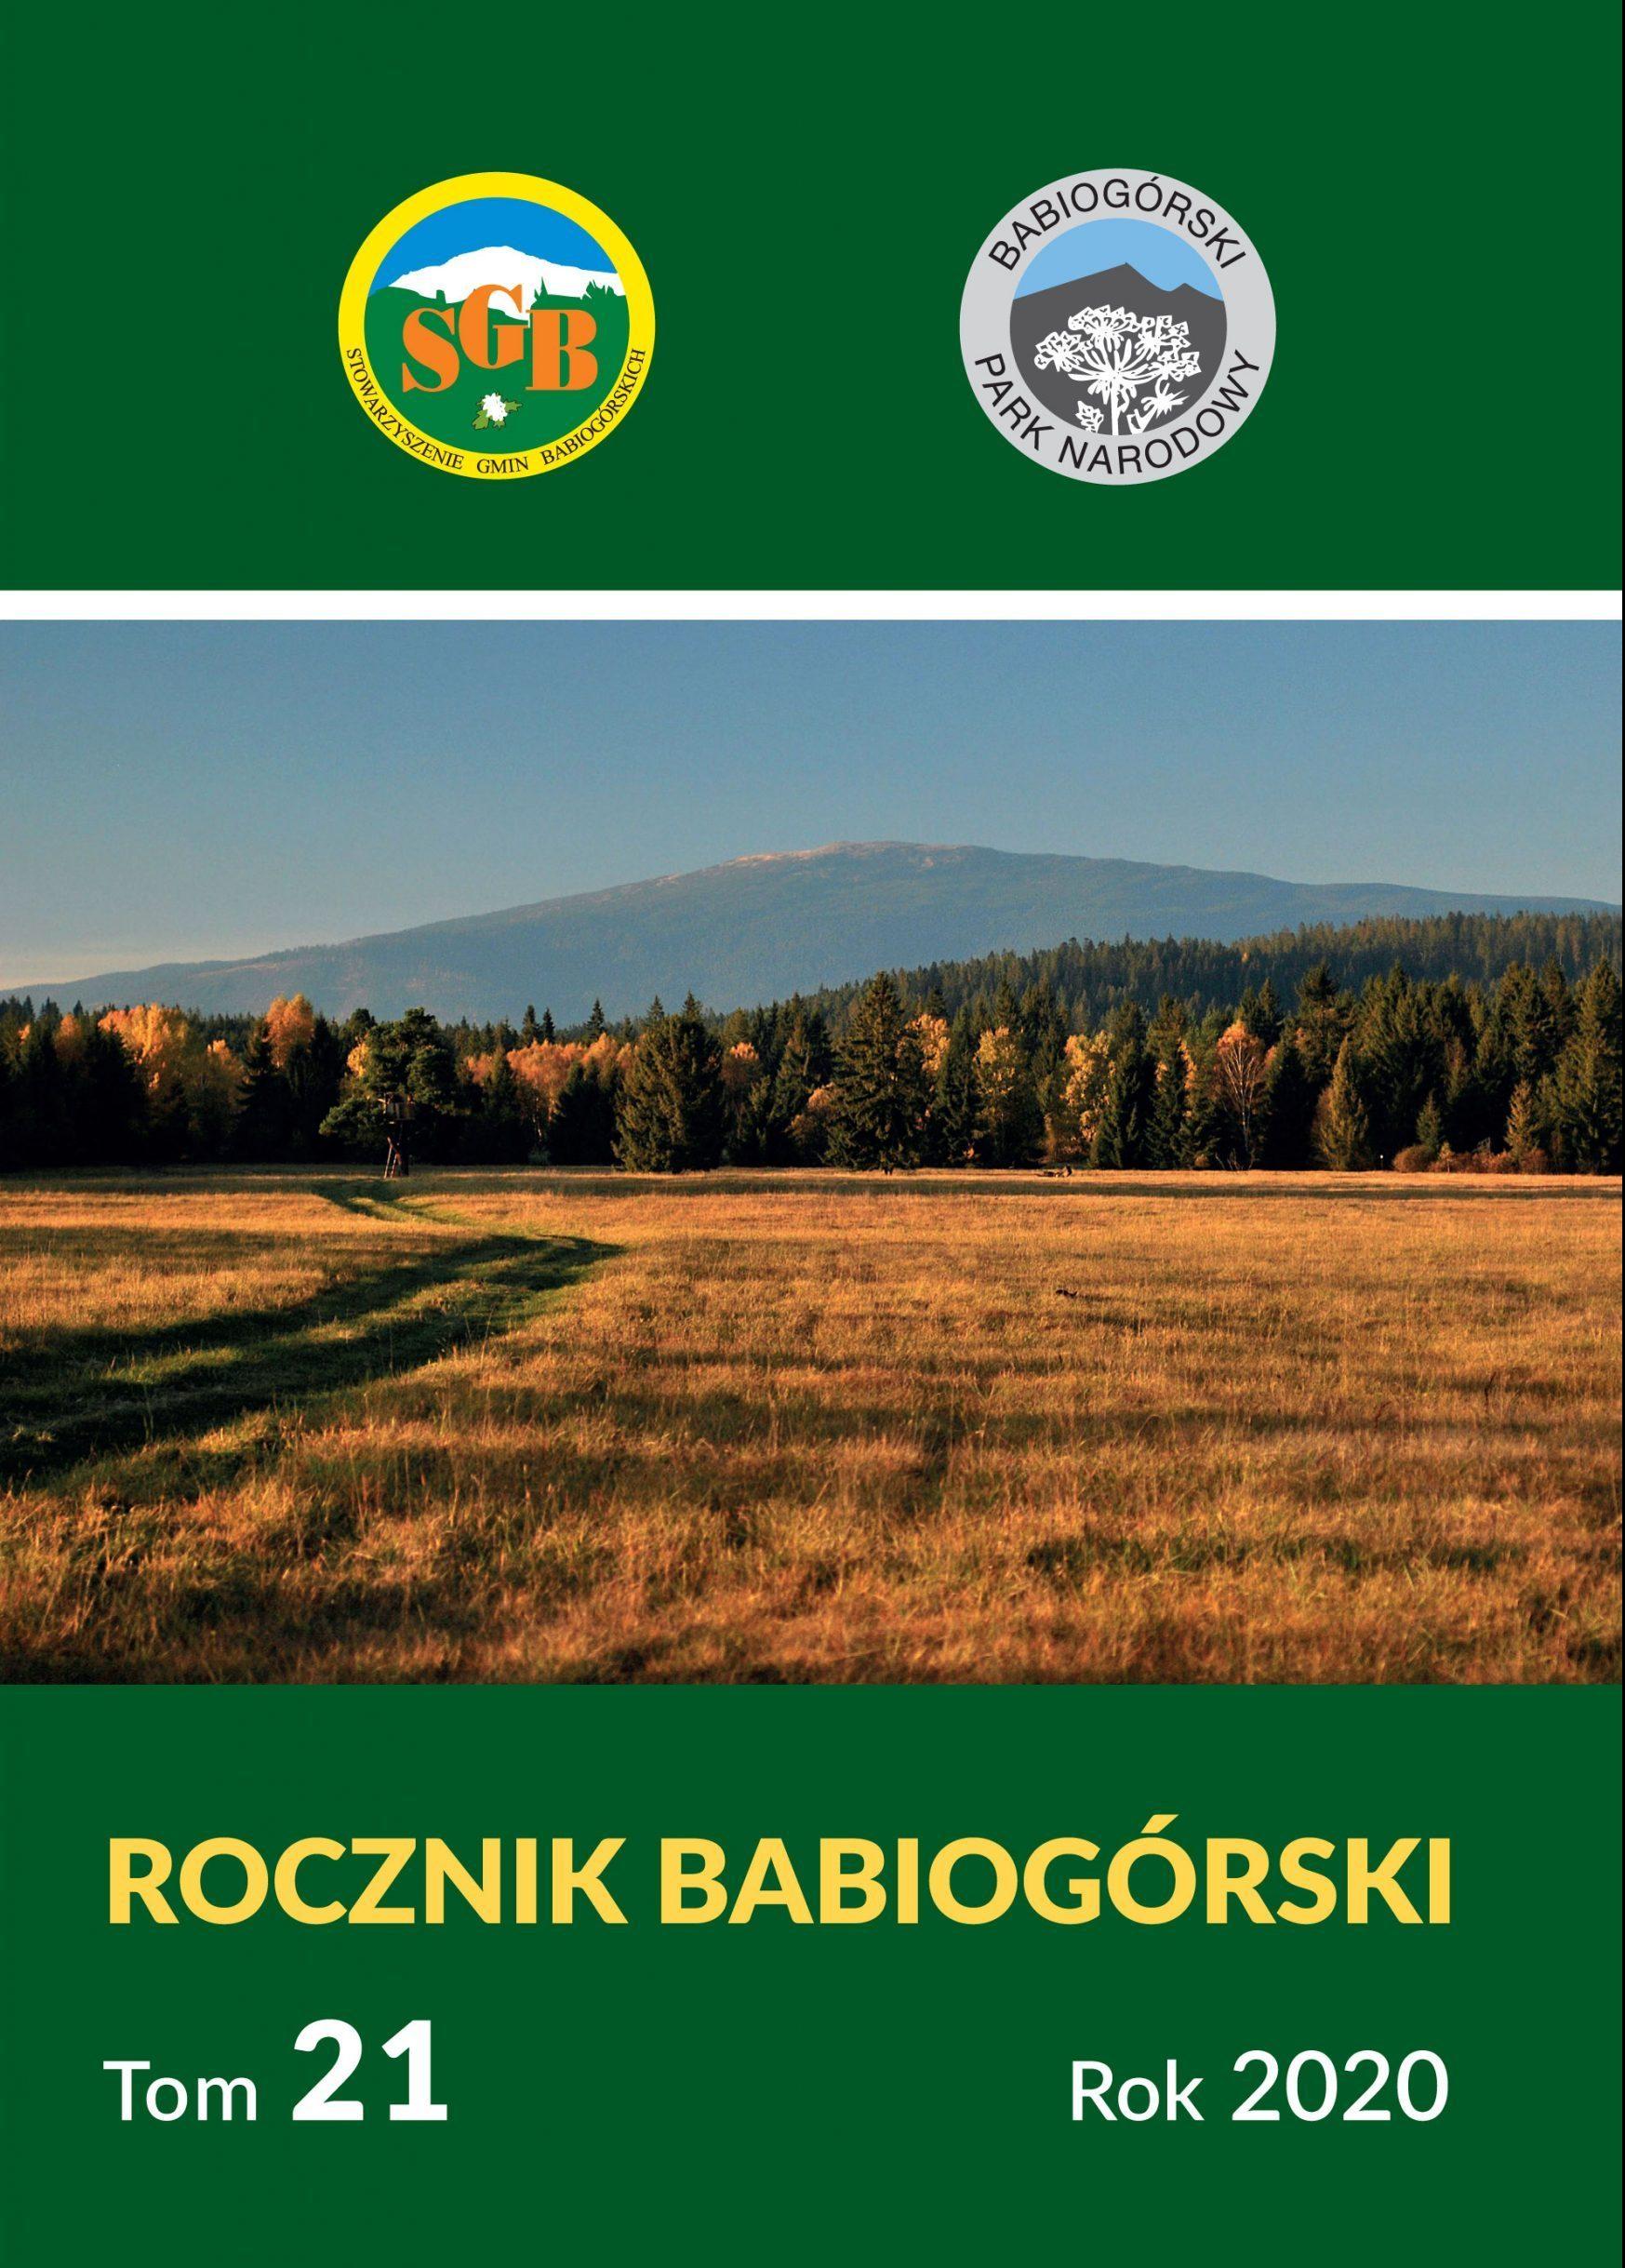 Rocznik Babiogórski Tom 21 (2020)